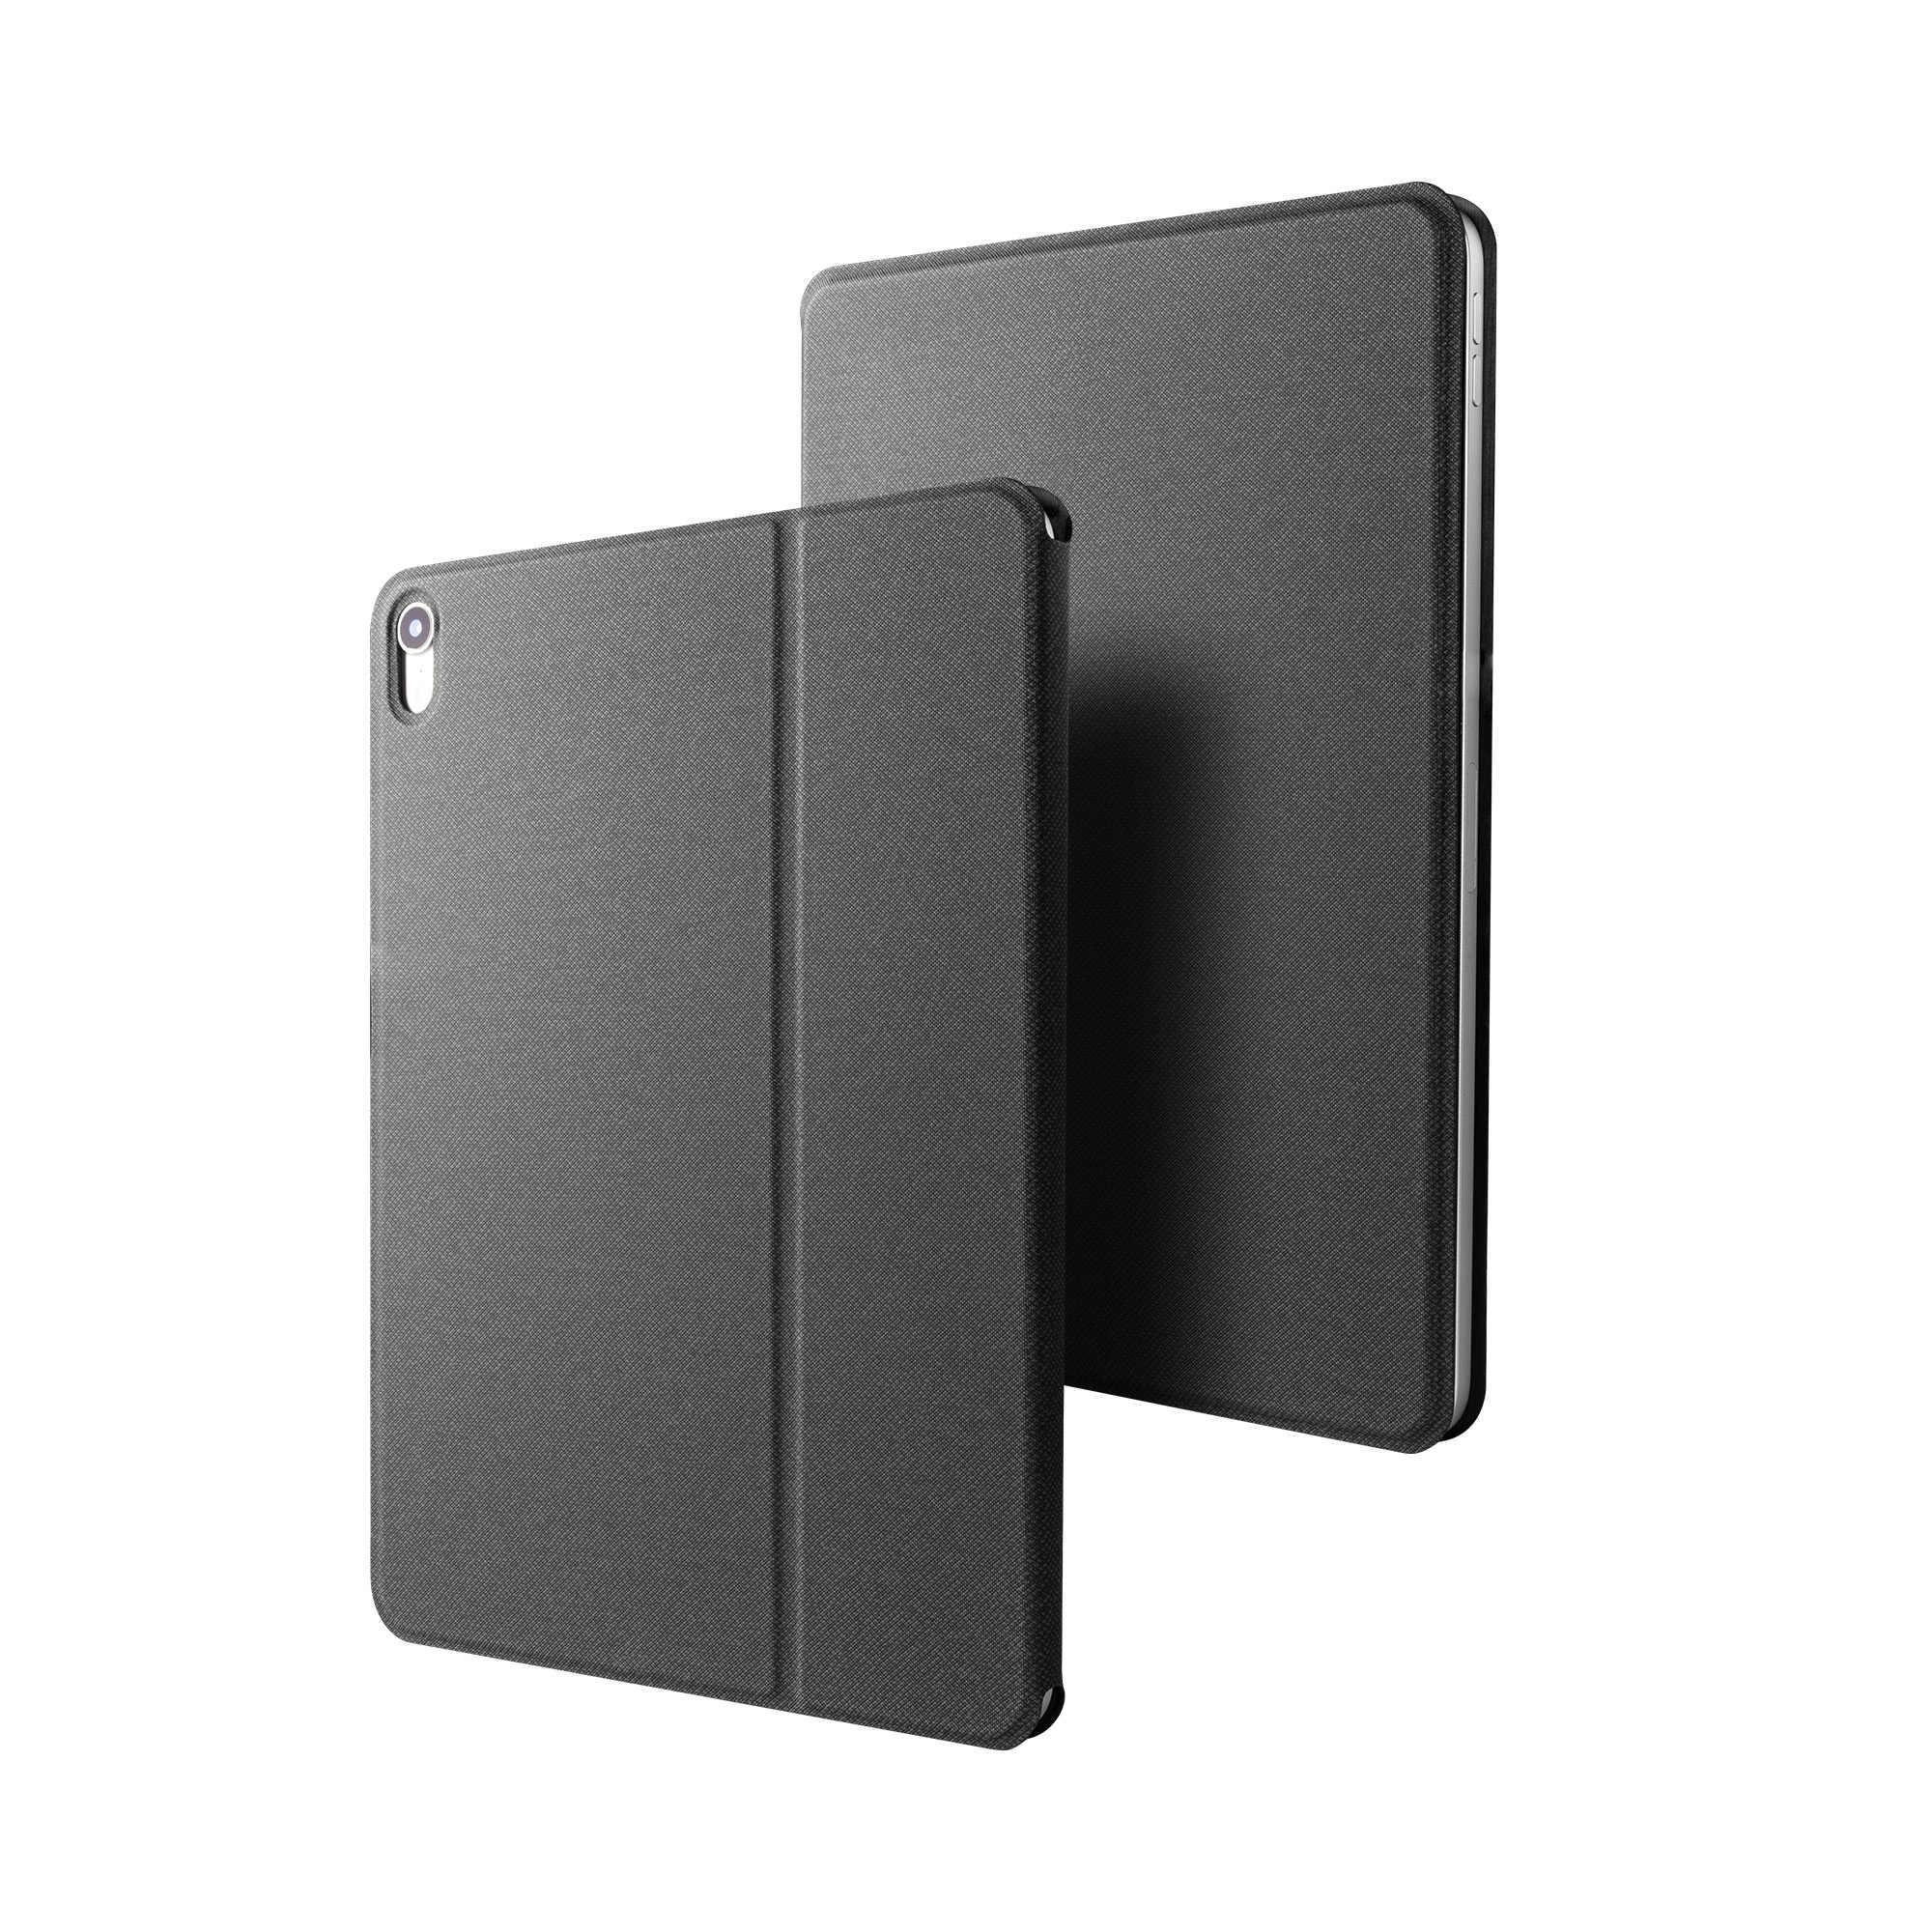 บลูทูธคีย์บอร์ดไร้สายสำหรับ iPad Pro 11 นิ้ว 2018 แท็บเล็ตคีย์บอร์ด COVER